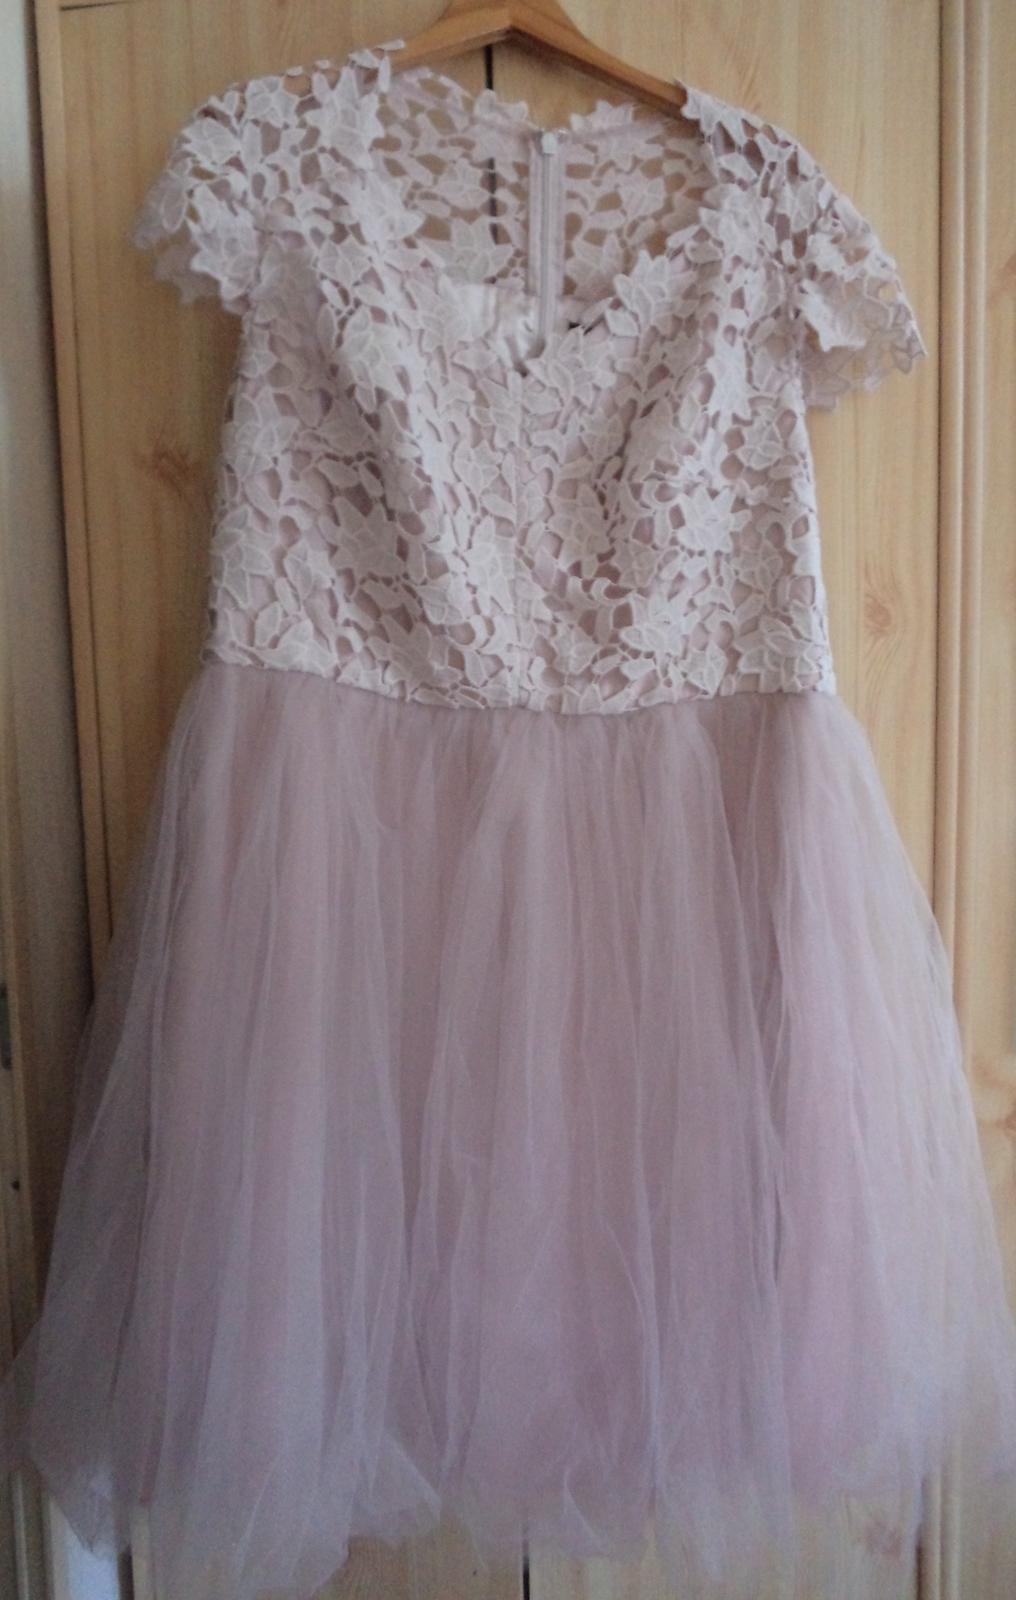 čipkovane šaty  - Obrázok č. 1